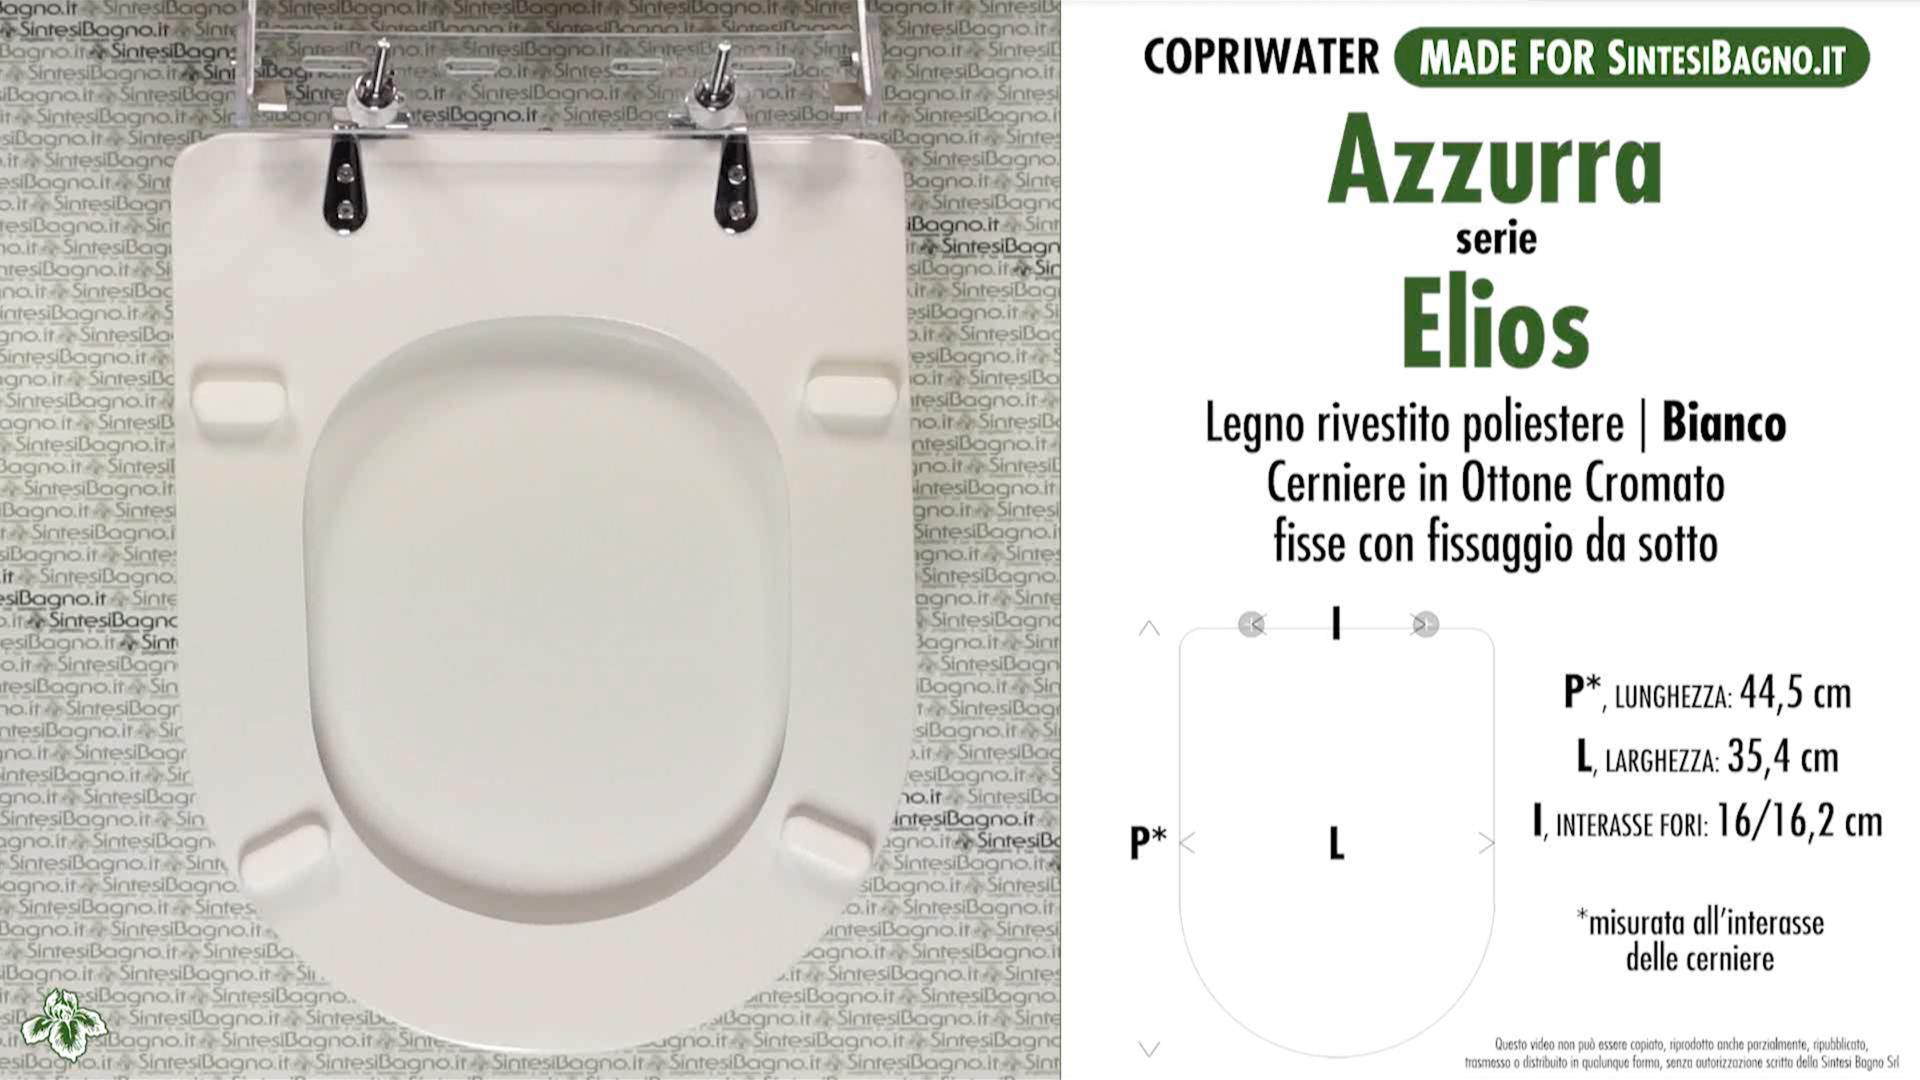 SCHEDA TECNICA MISURE copriwater AZZURRA ELIOS